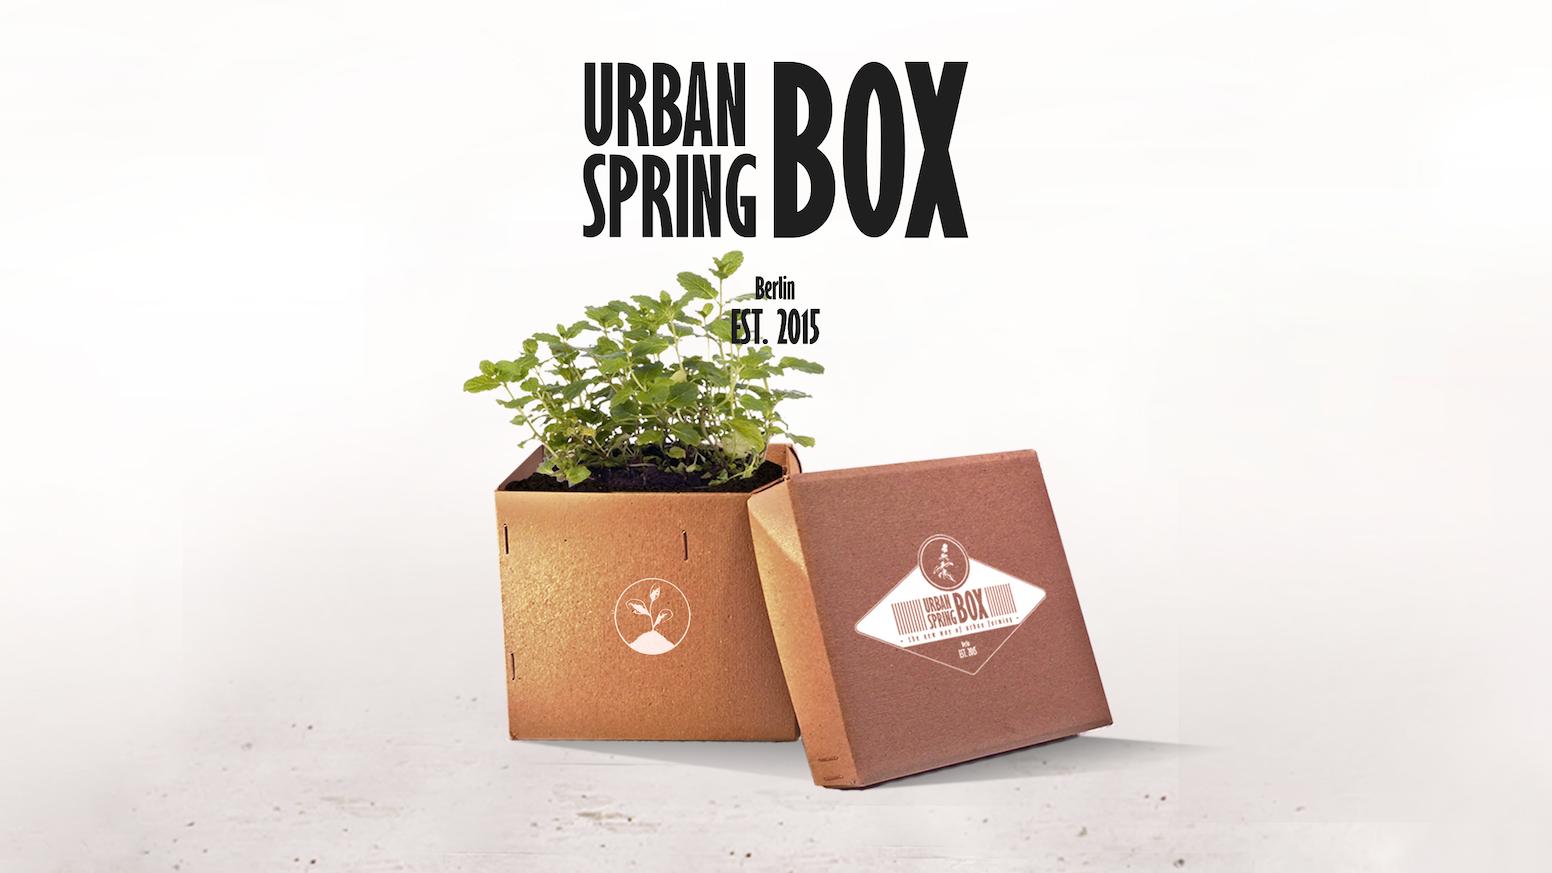 """Die """"Urban Spring Box"""" beinhaltet alles was du brauchst, um deine eigene Pflanze zu züchten. Regional, nachhaltig und vollkommen natürlich!"""